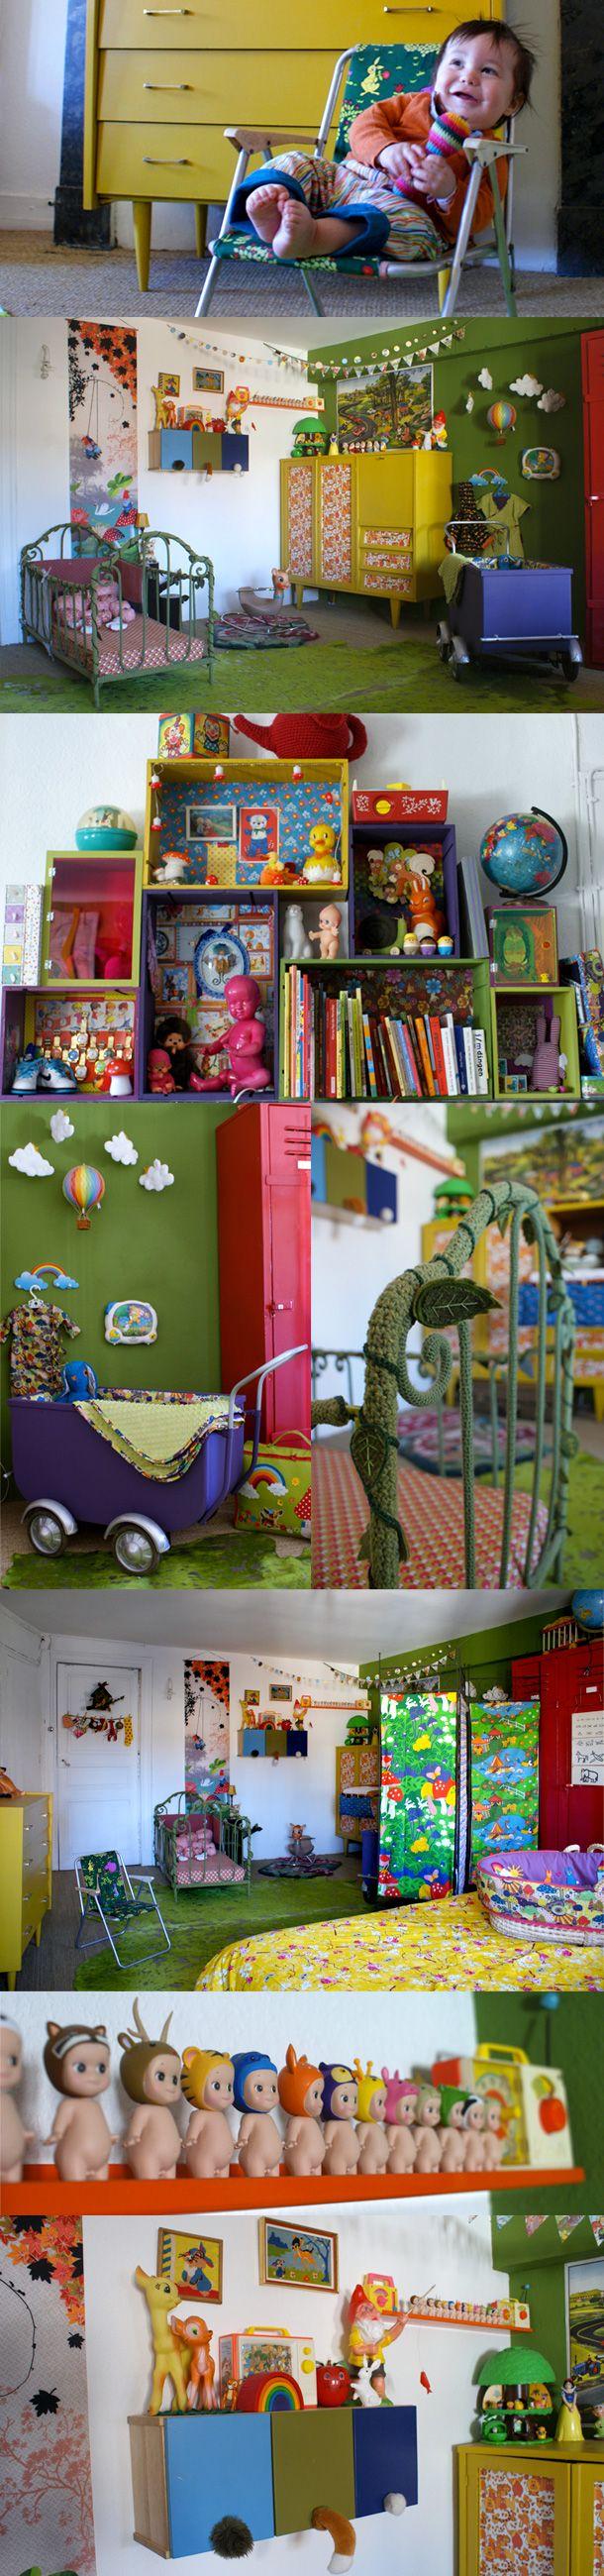 j'aime l'idée des caisses peintes et superposées en guise de bibliothèque ou rangement pour les jouets